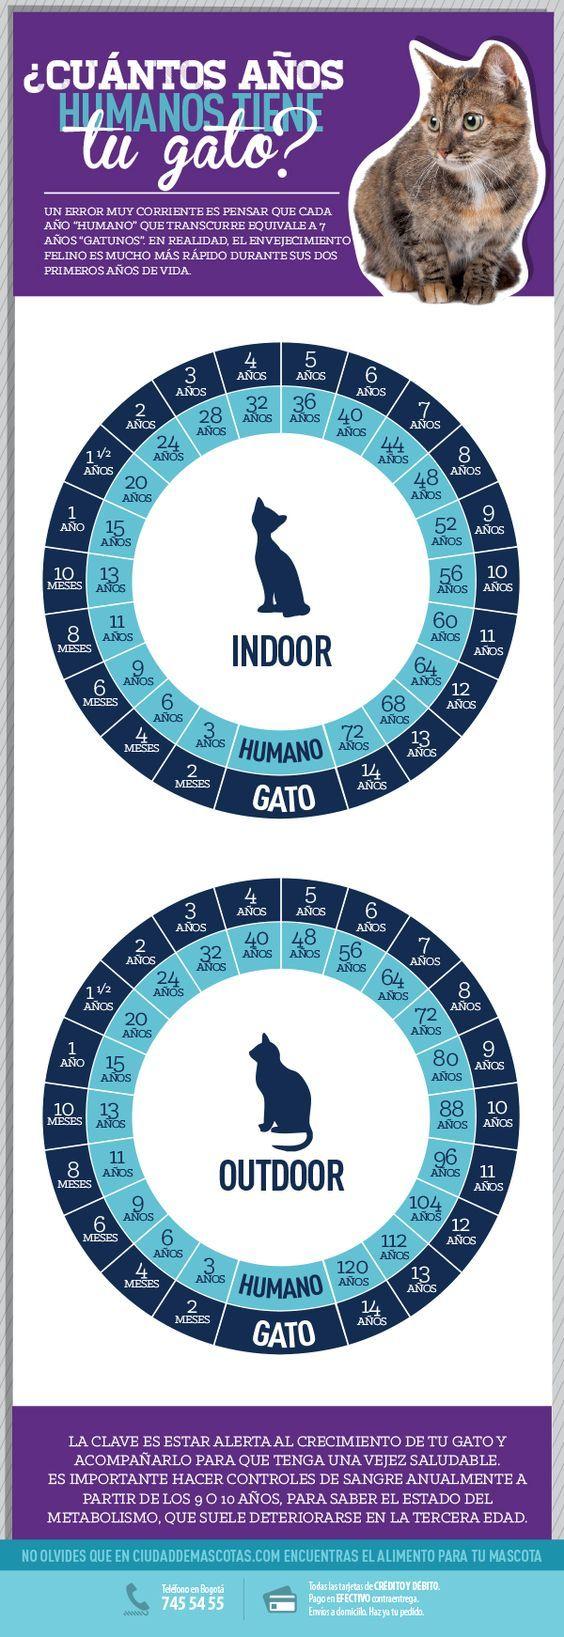 Conocer la edad de tu gato te sirve para responder a las necesidades que tiene en cada una de las etapas de su vida.: